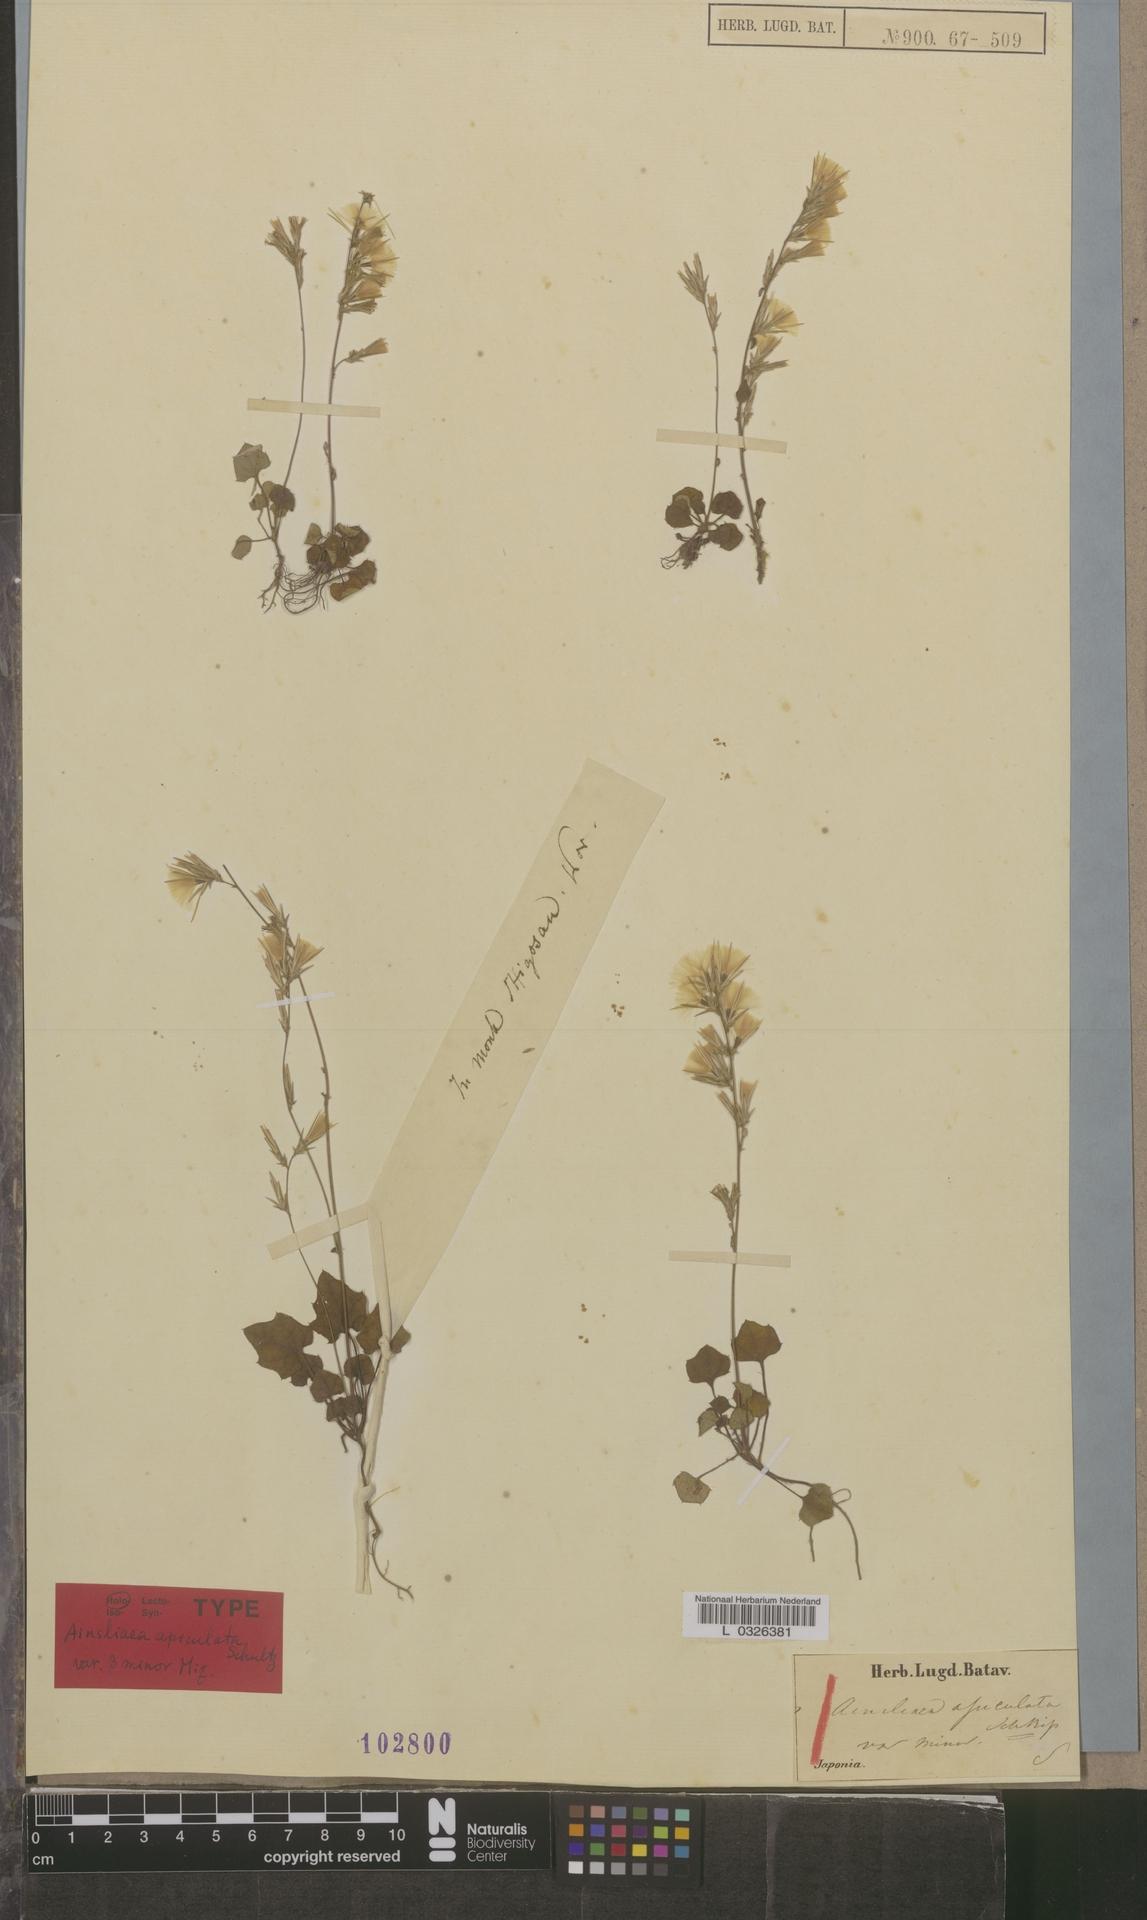 L  0326381 | Ainsliaea apiculata var. minor